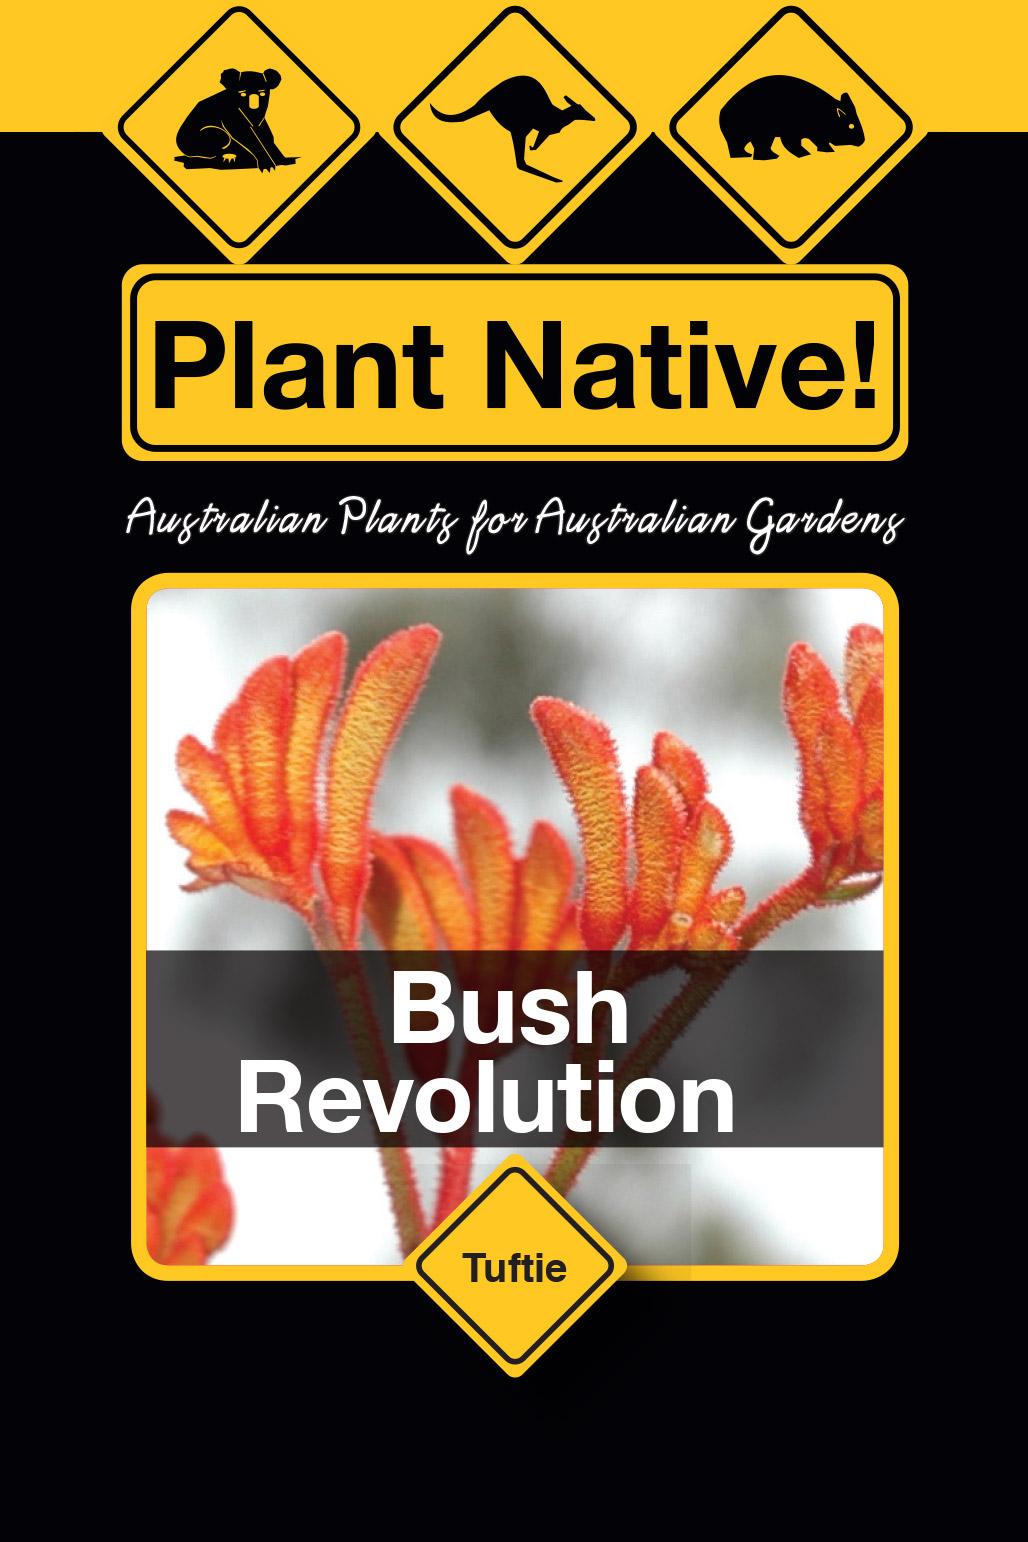 Bush Revolution - Plant Native!